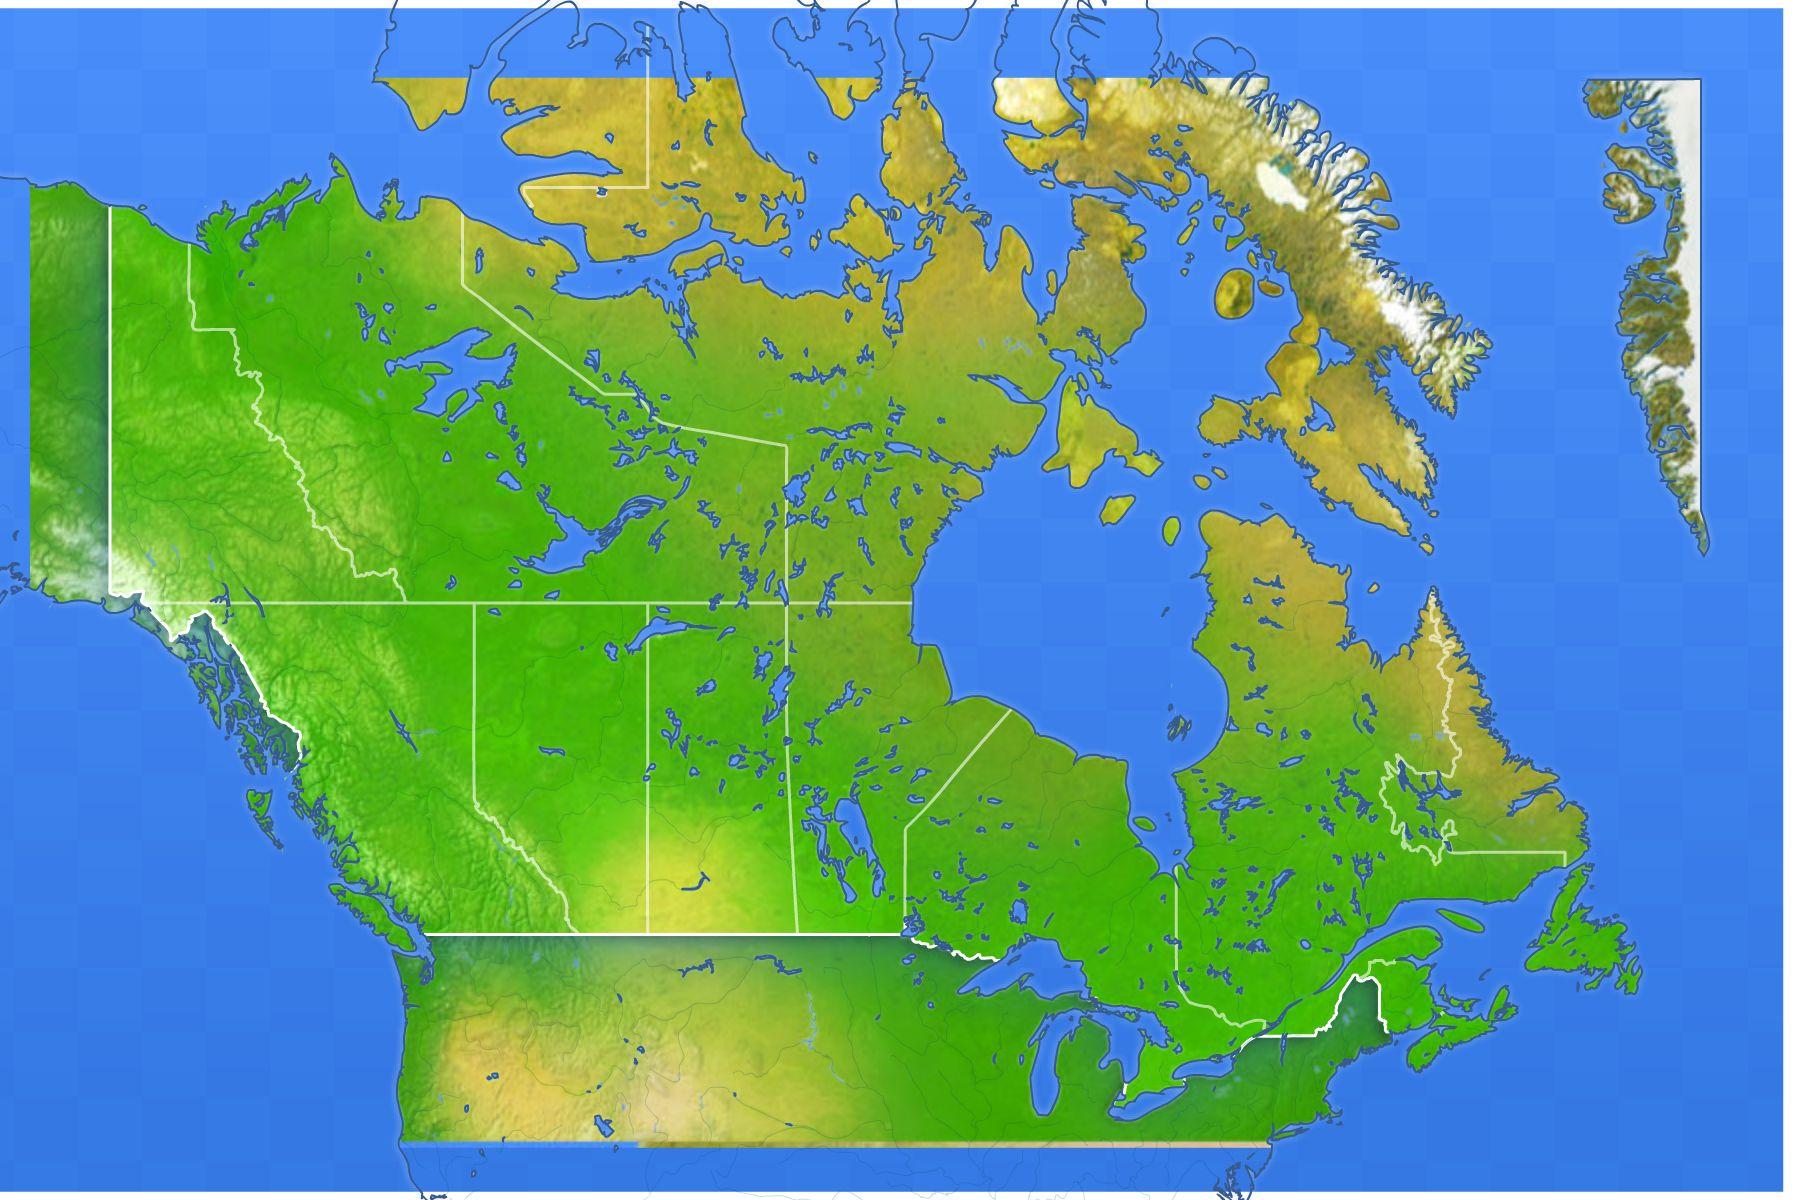 Jeux-Geographiques Jeux Gratuits Jeu Villes Du Canada serapportantà Jeux Geographique Ville De France